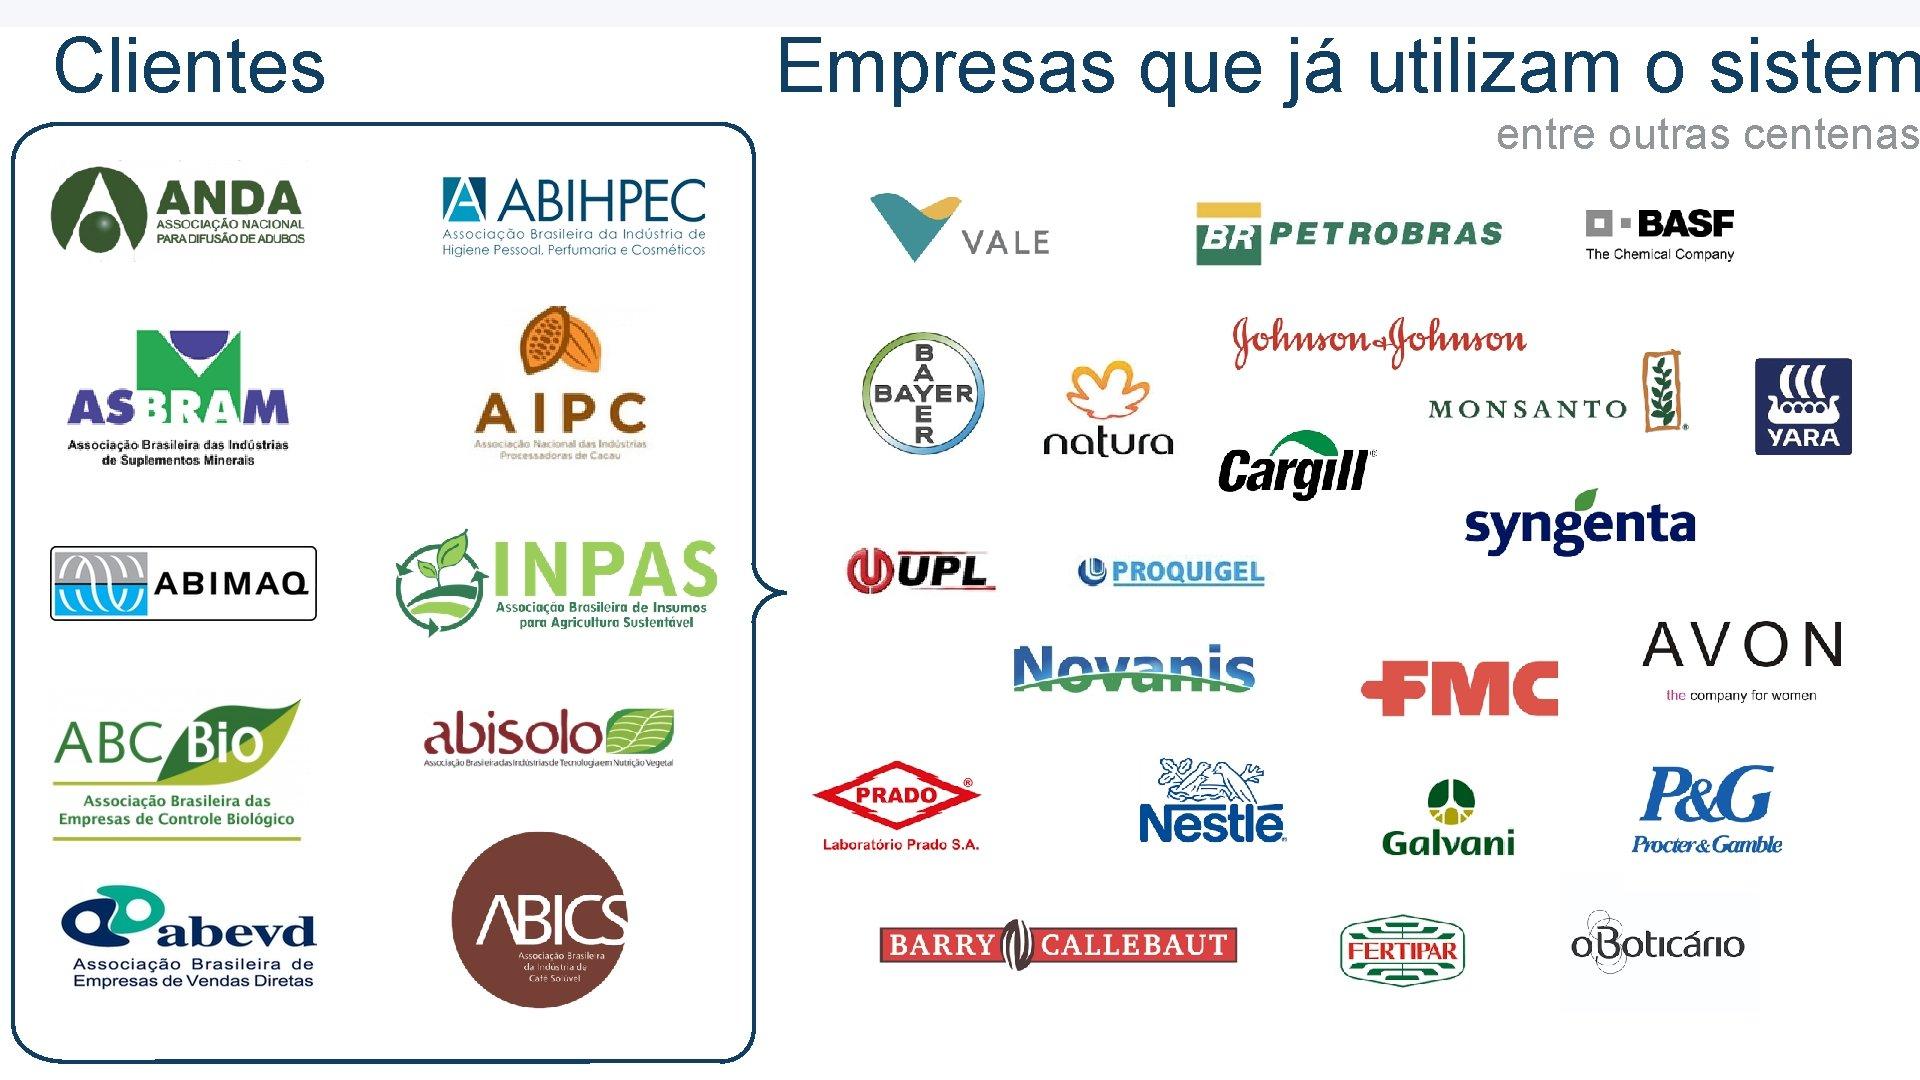 Clientes Empresas que já utilizam o sistem 4 entre outras centenas